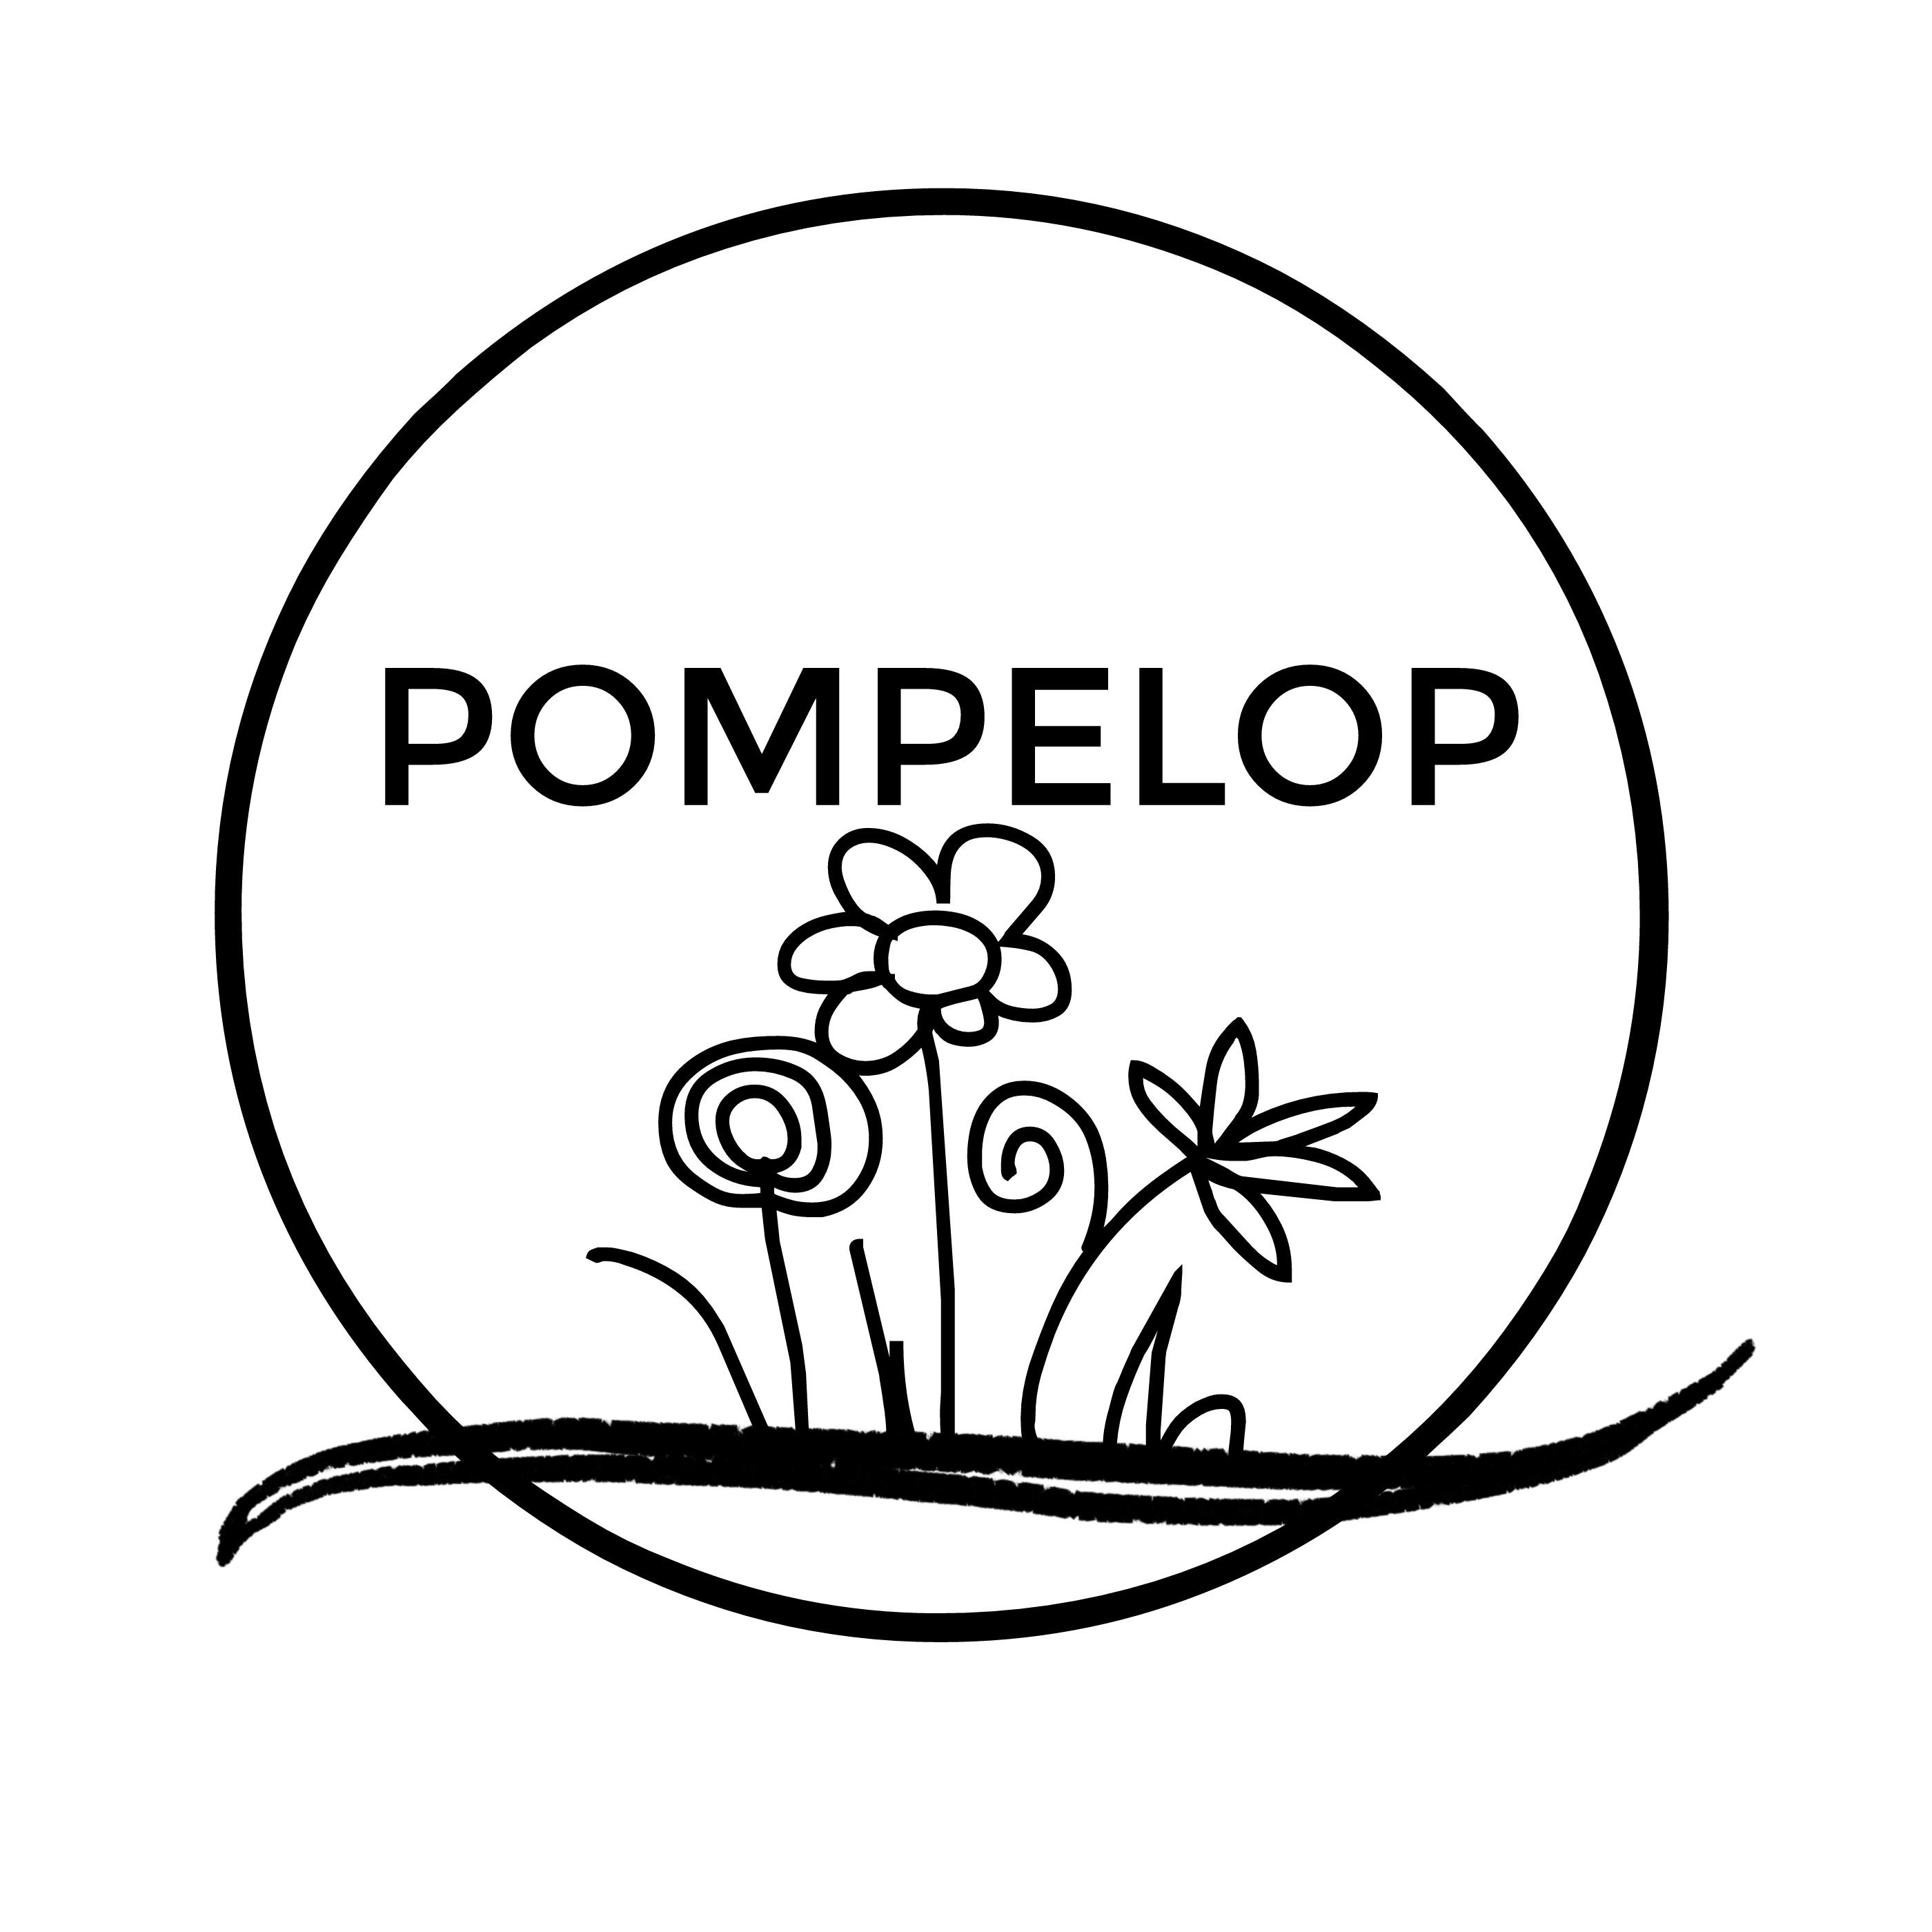 20180203103731 - pompelop letjpg